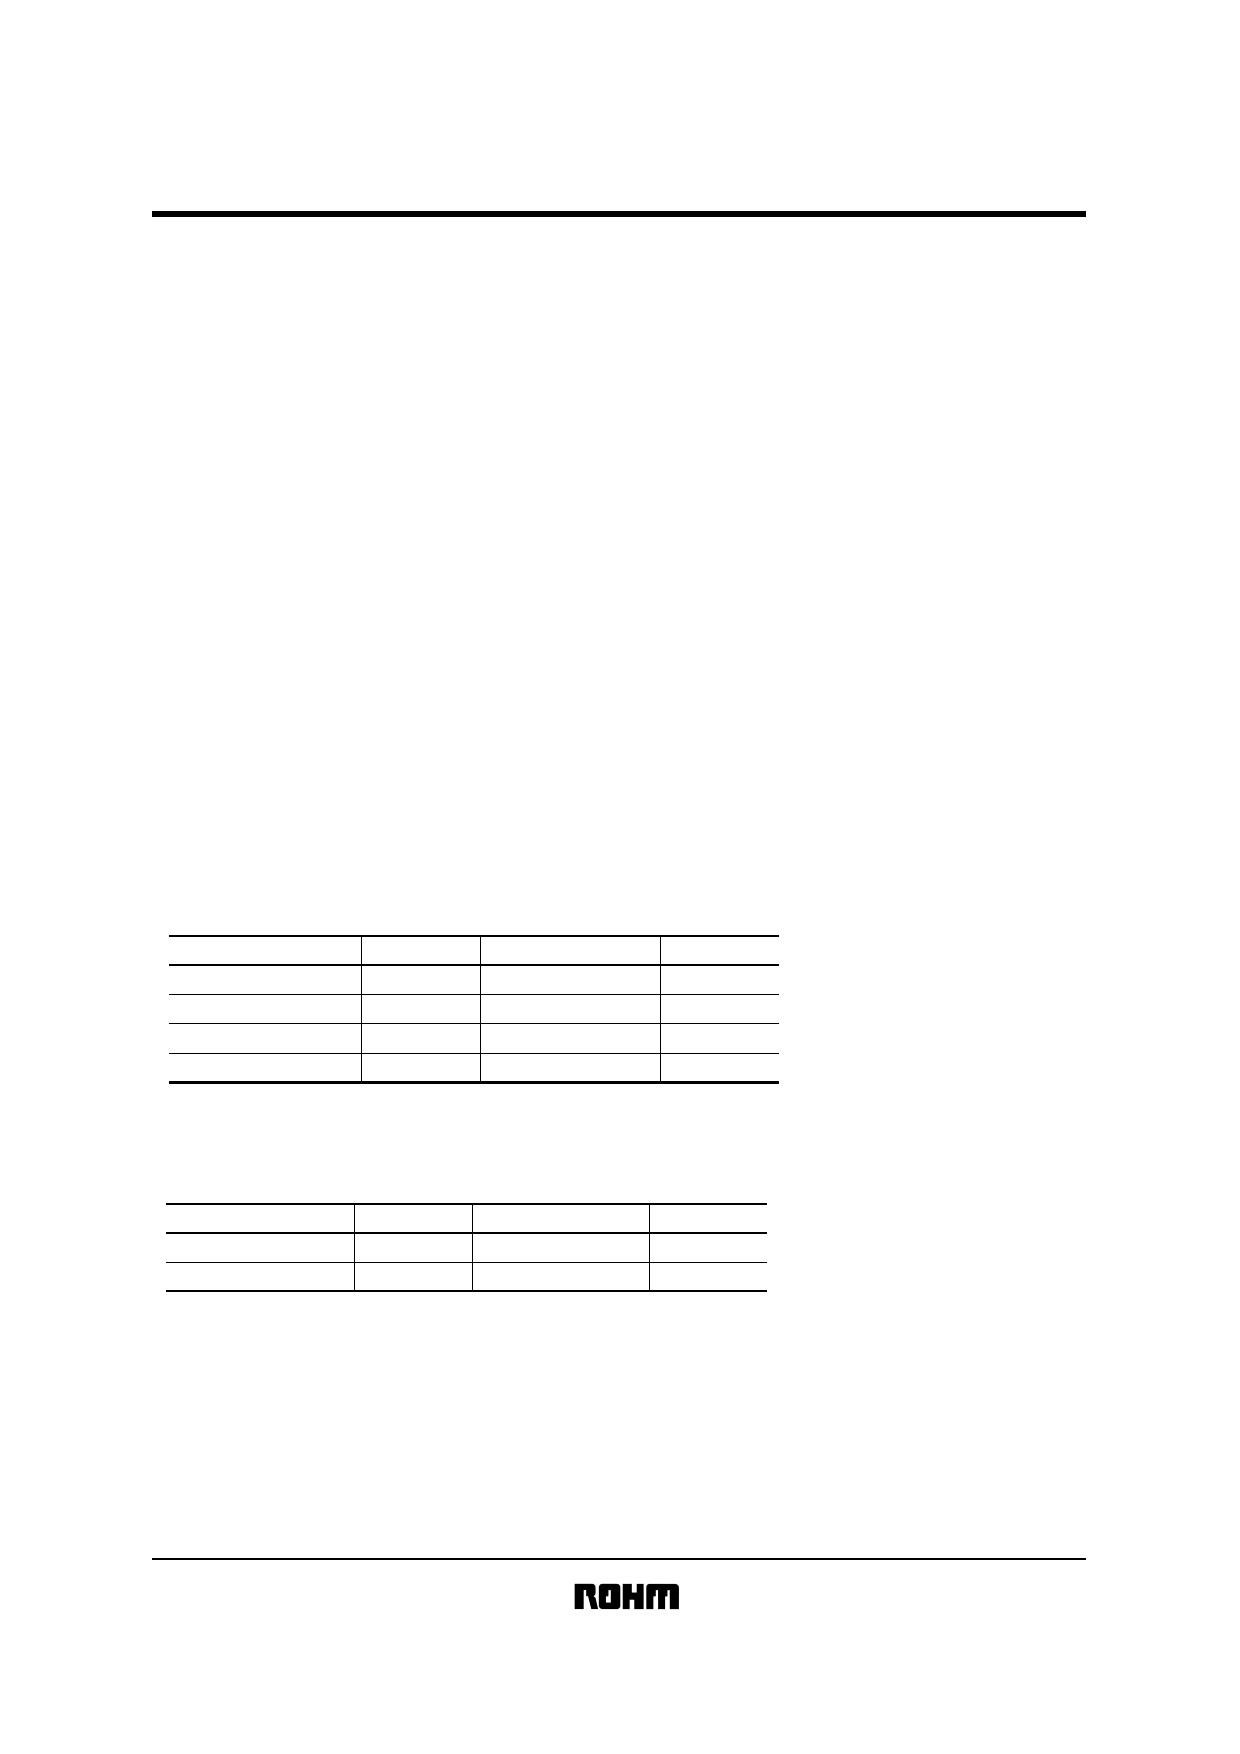 BA5977FP Datenblatt PDF